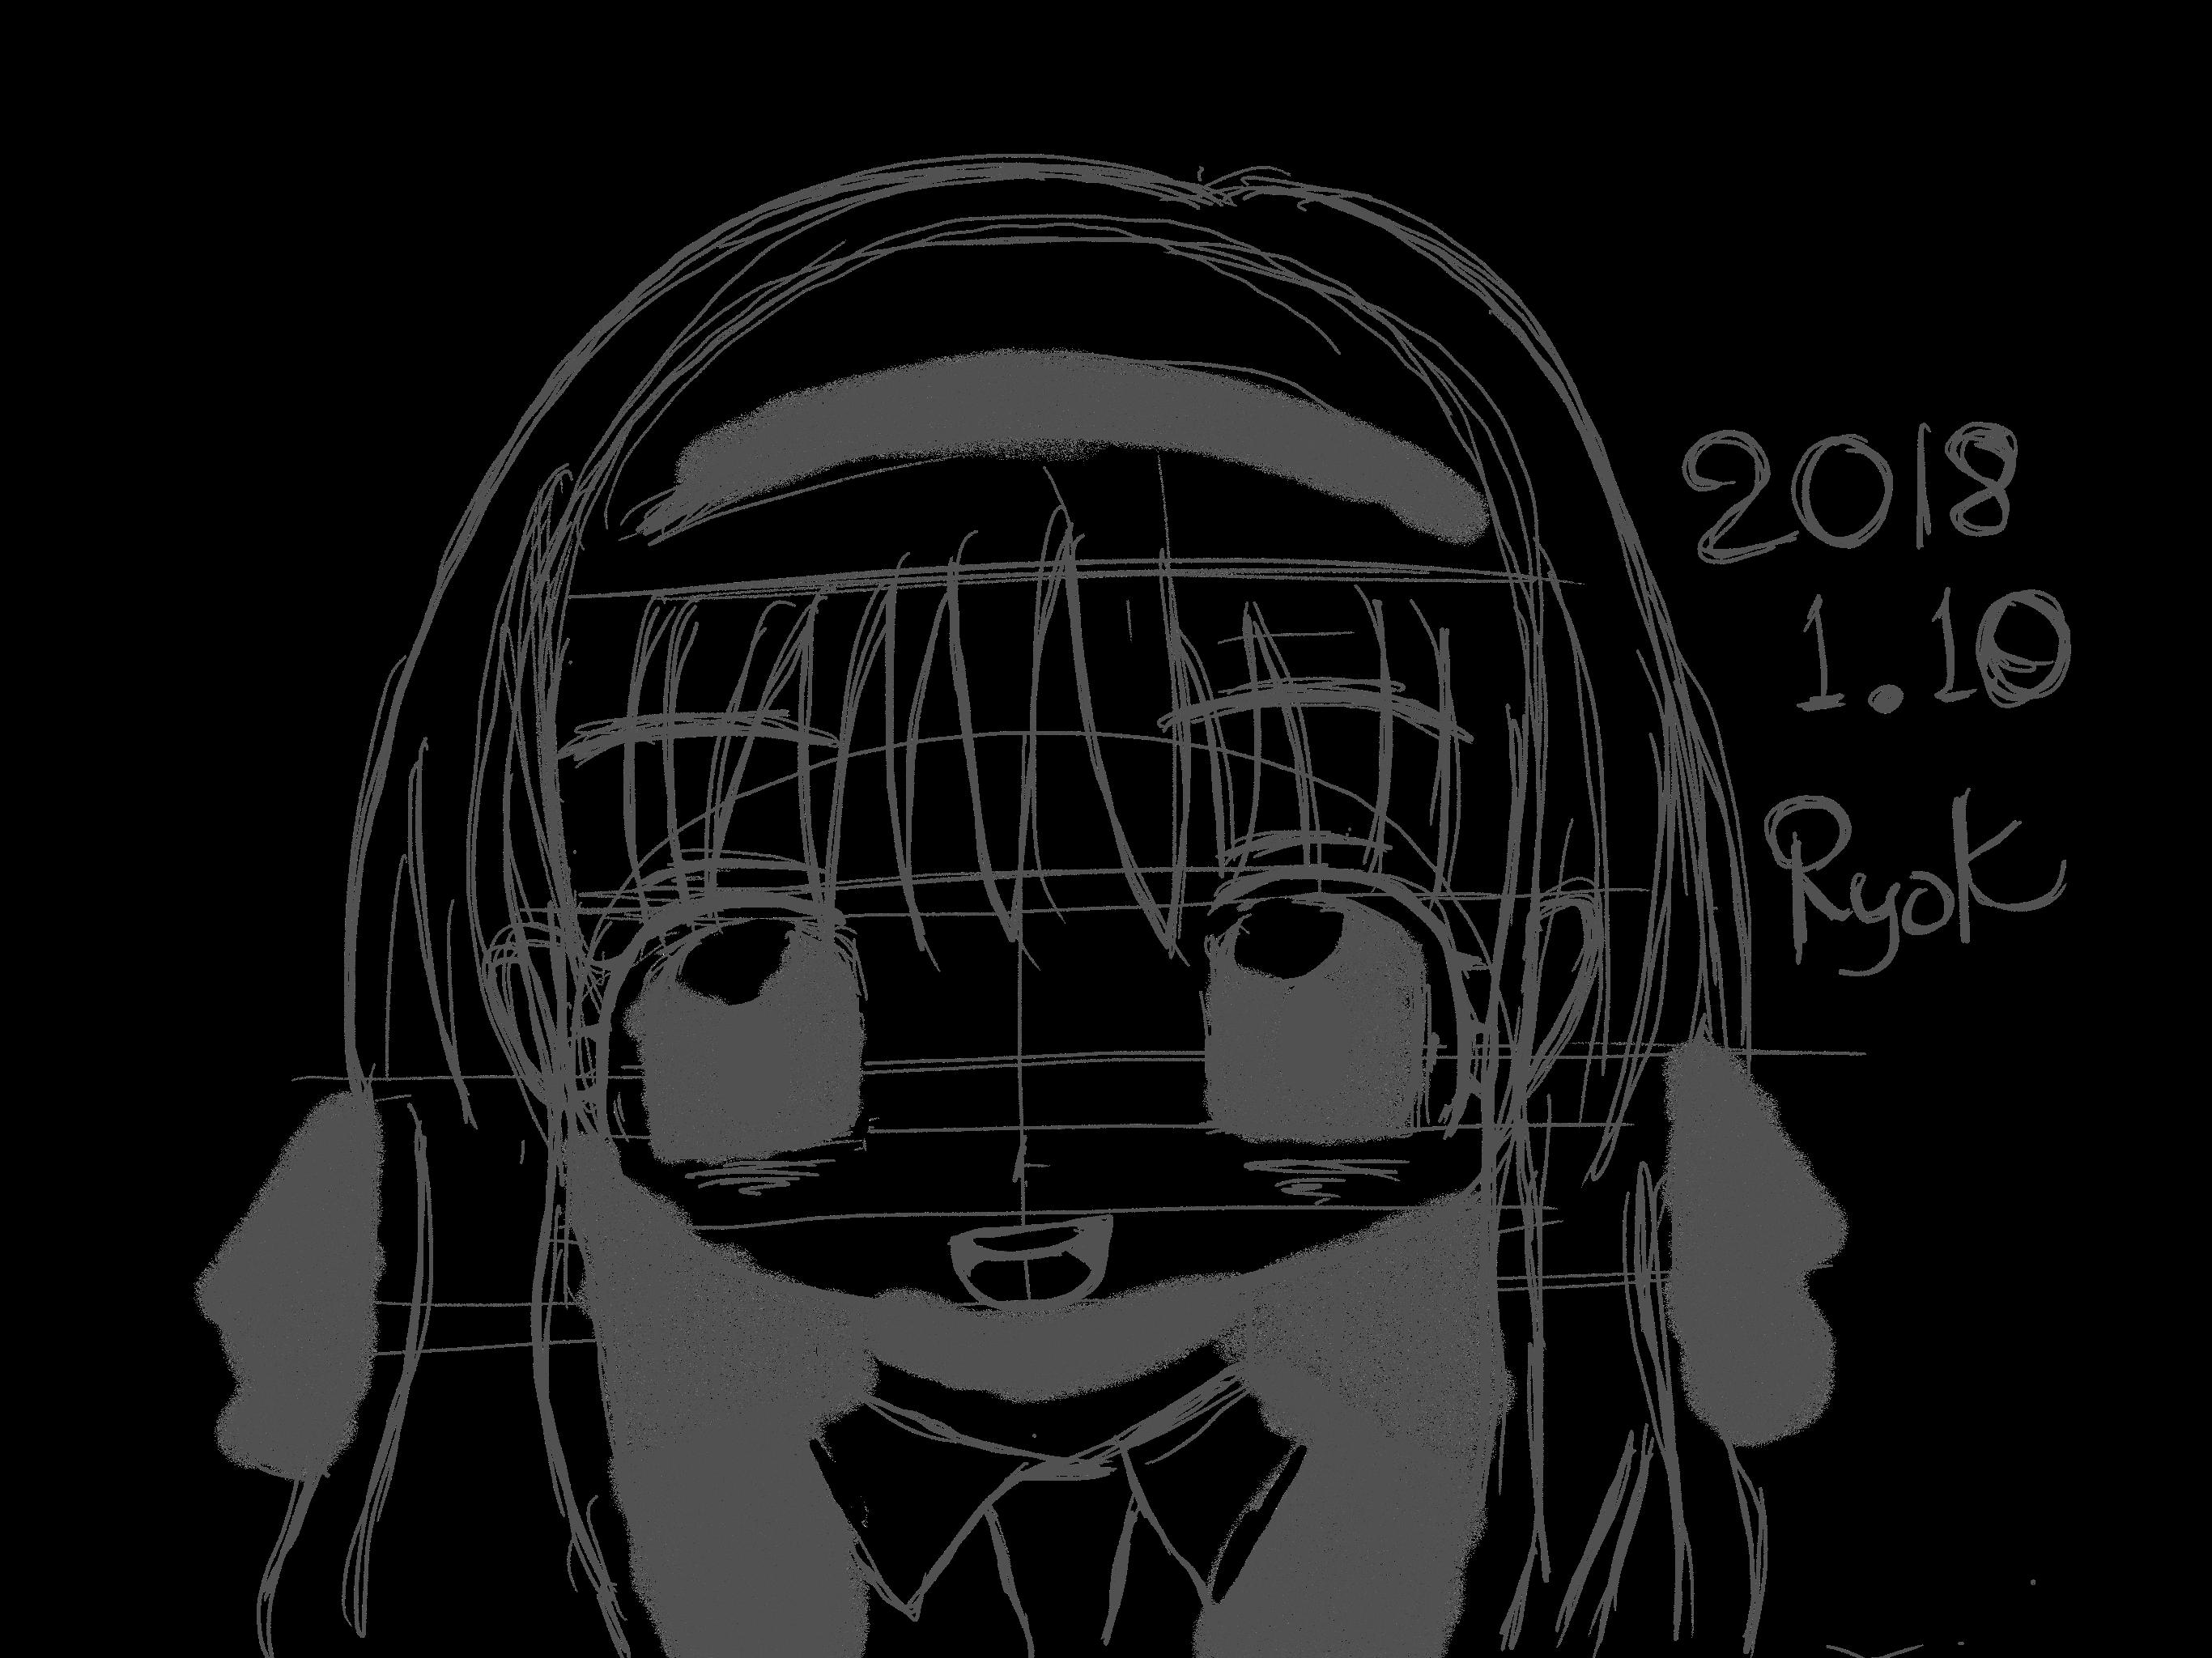 f:id:ryokryok:20180111003953p:image:w350